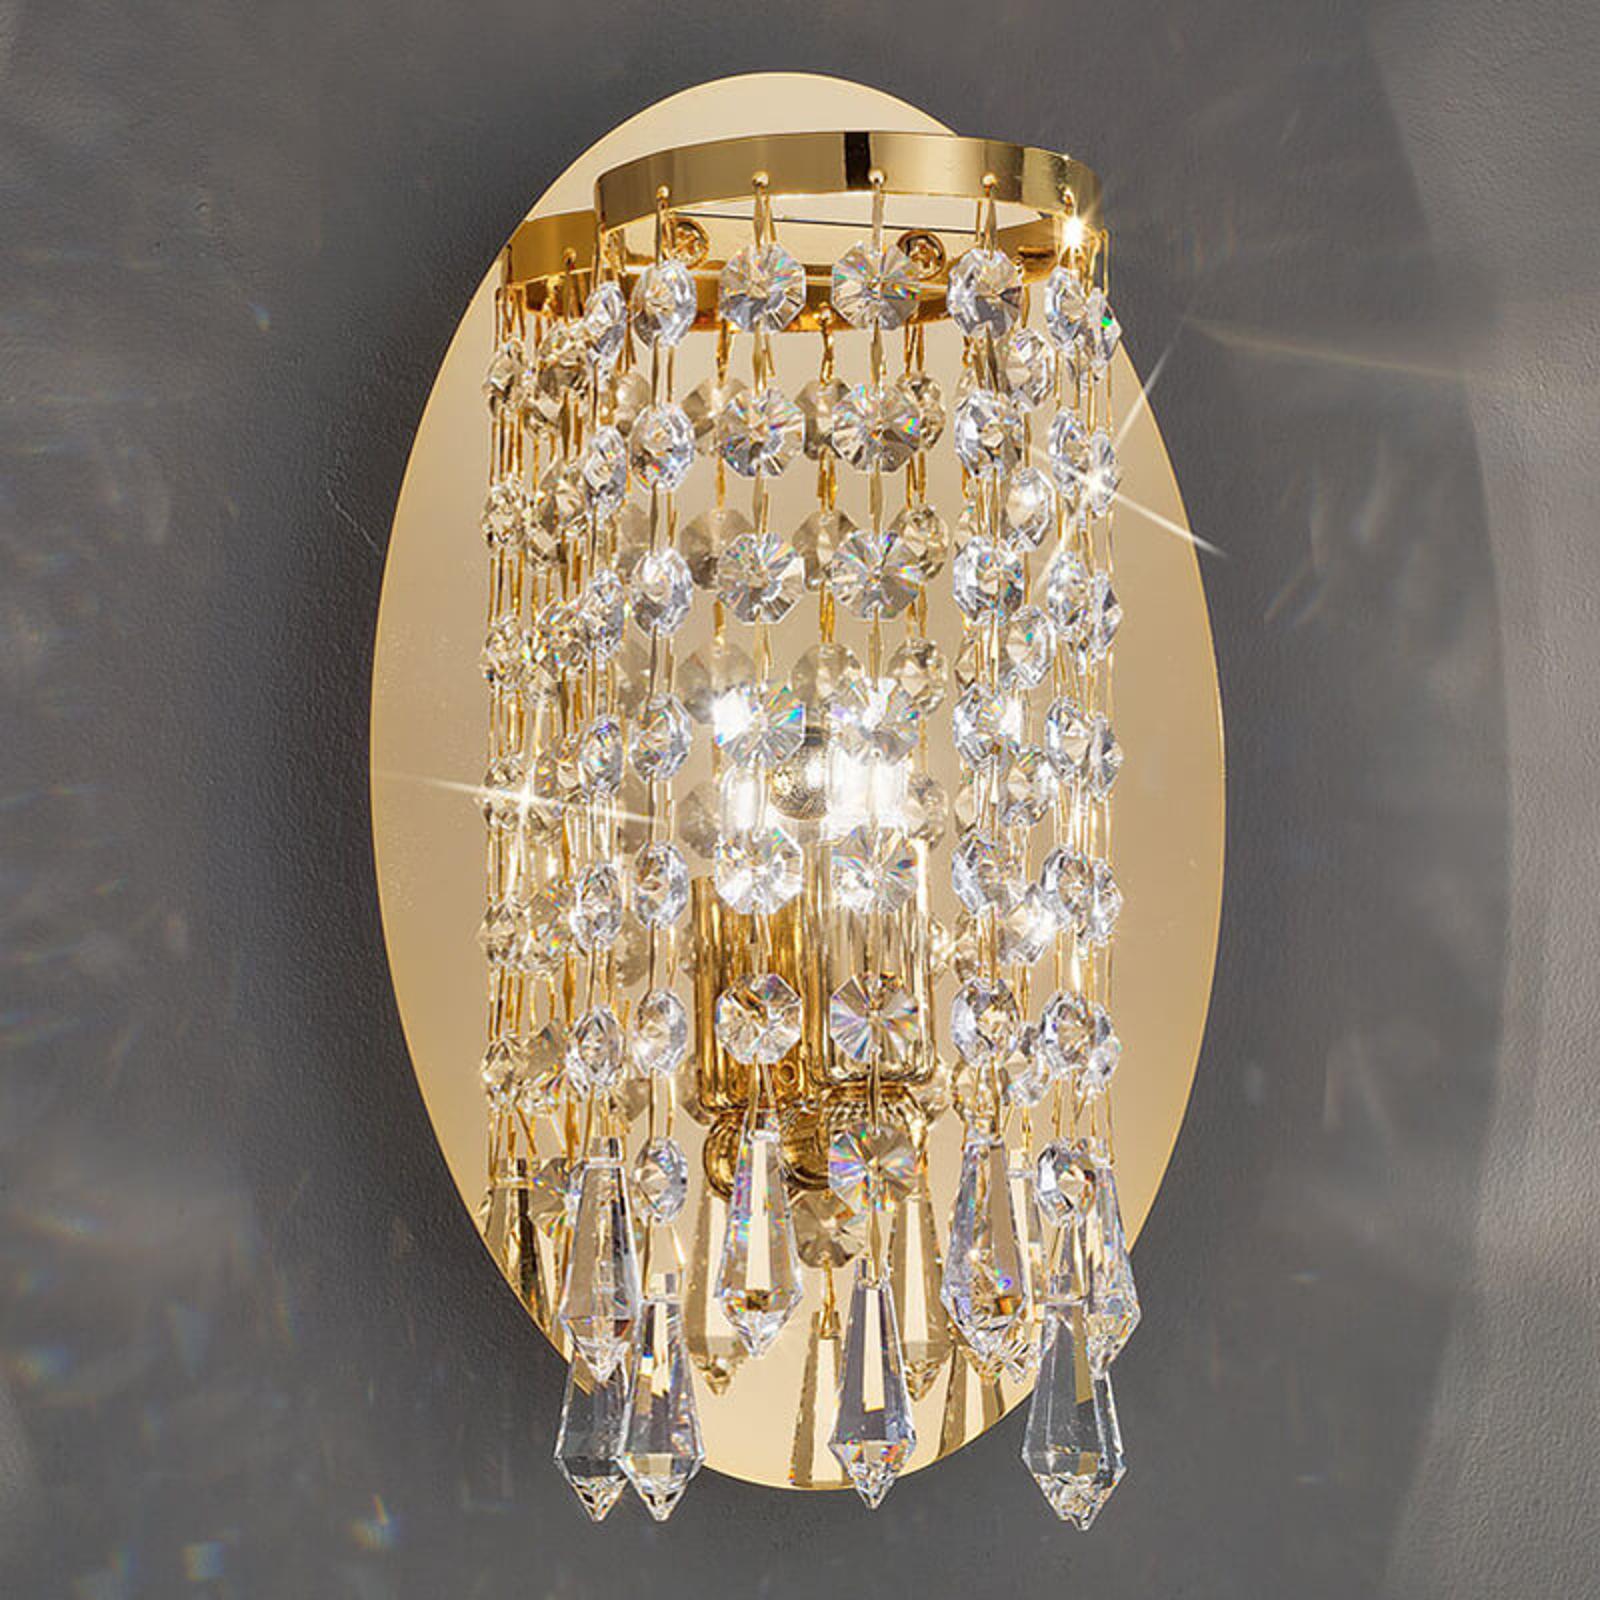 Szlachetna lampa ścienna CHARLESTON w złocie